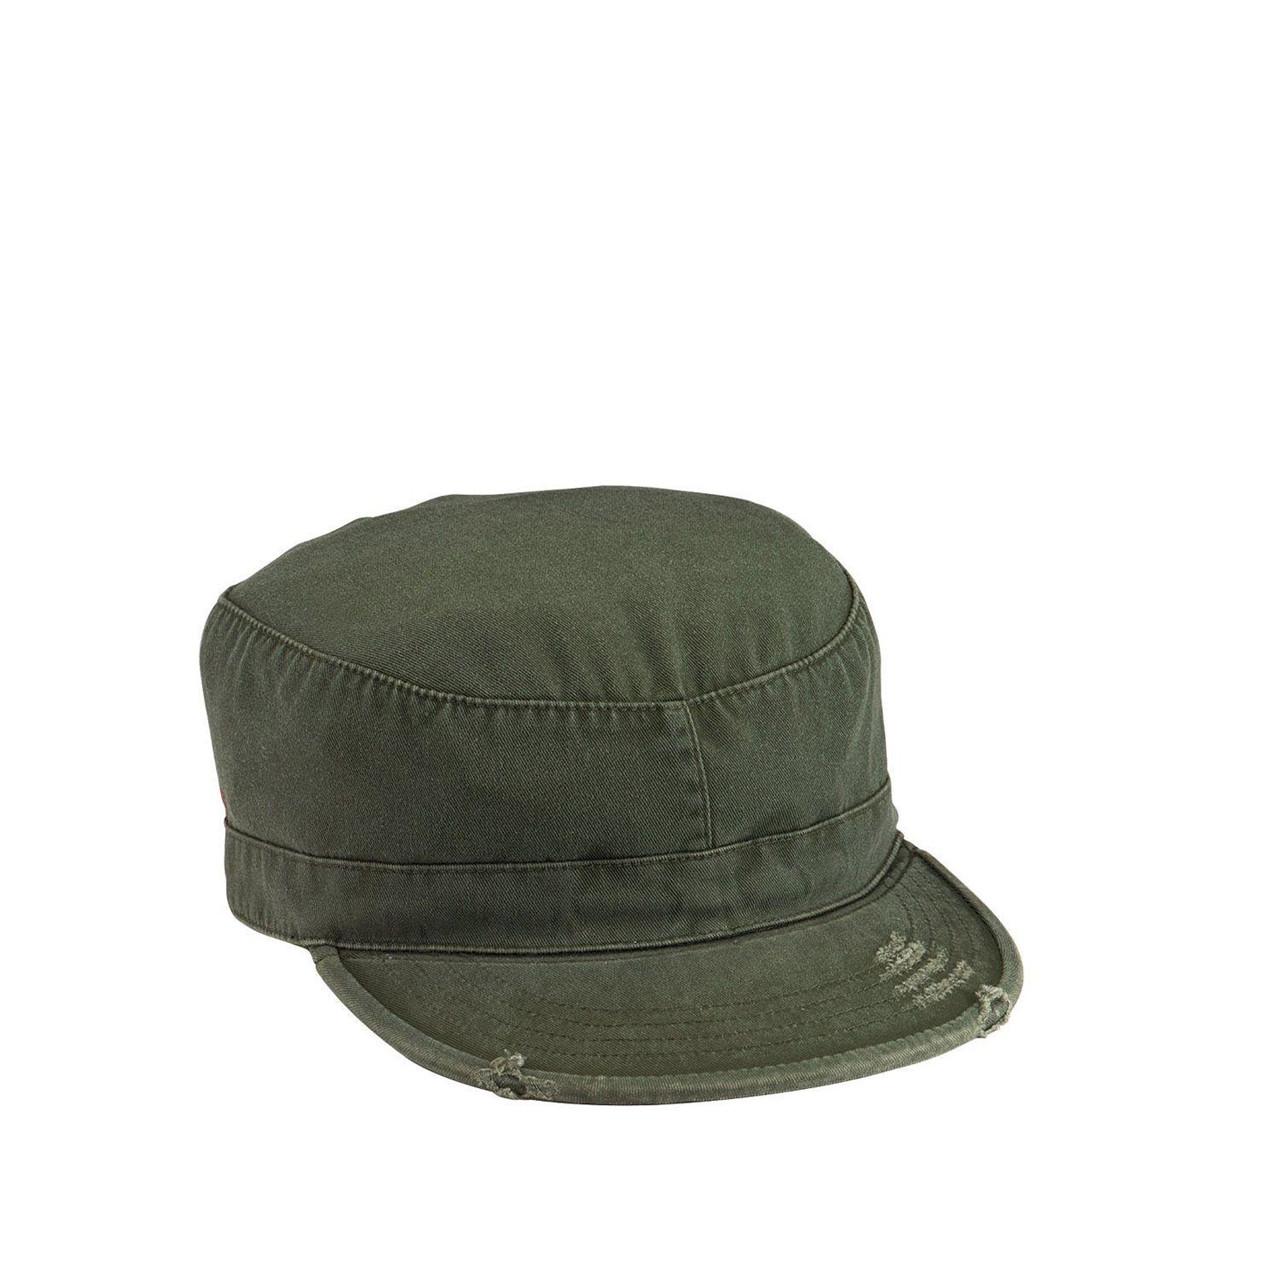 Rothco Army Vintage Caps (Olivgrön, US 7.0 / EU 56 cm)